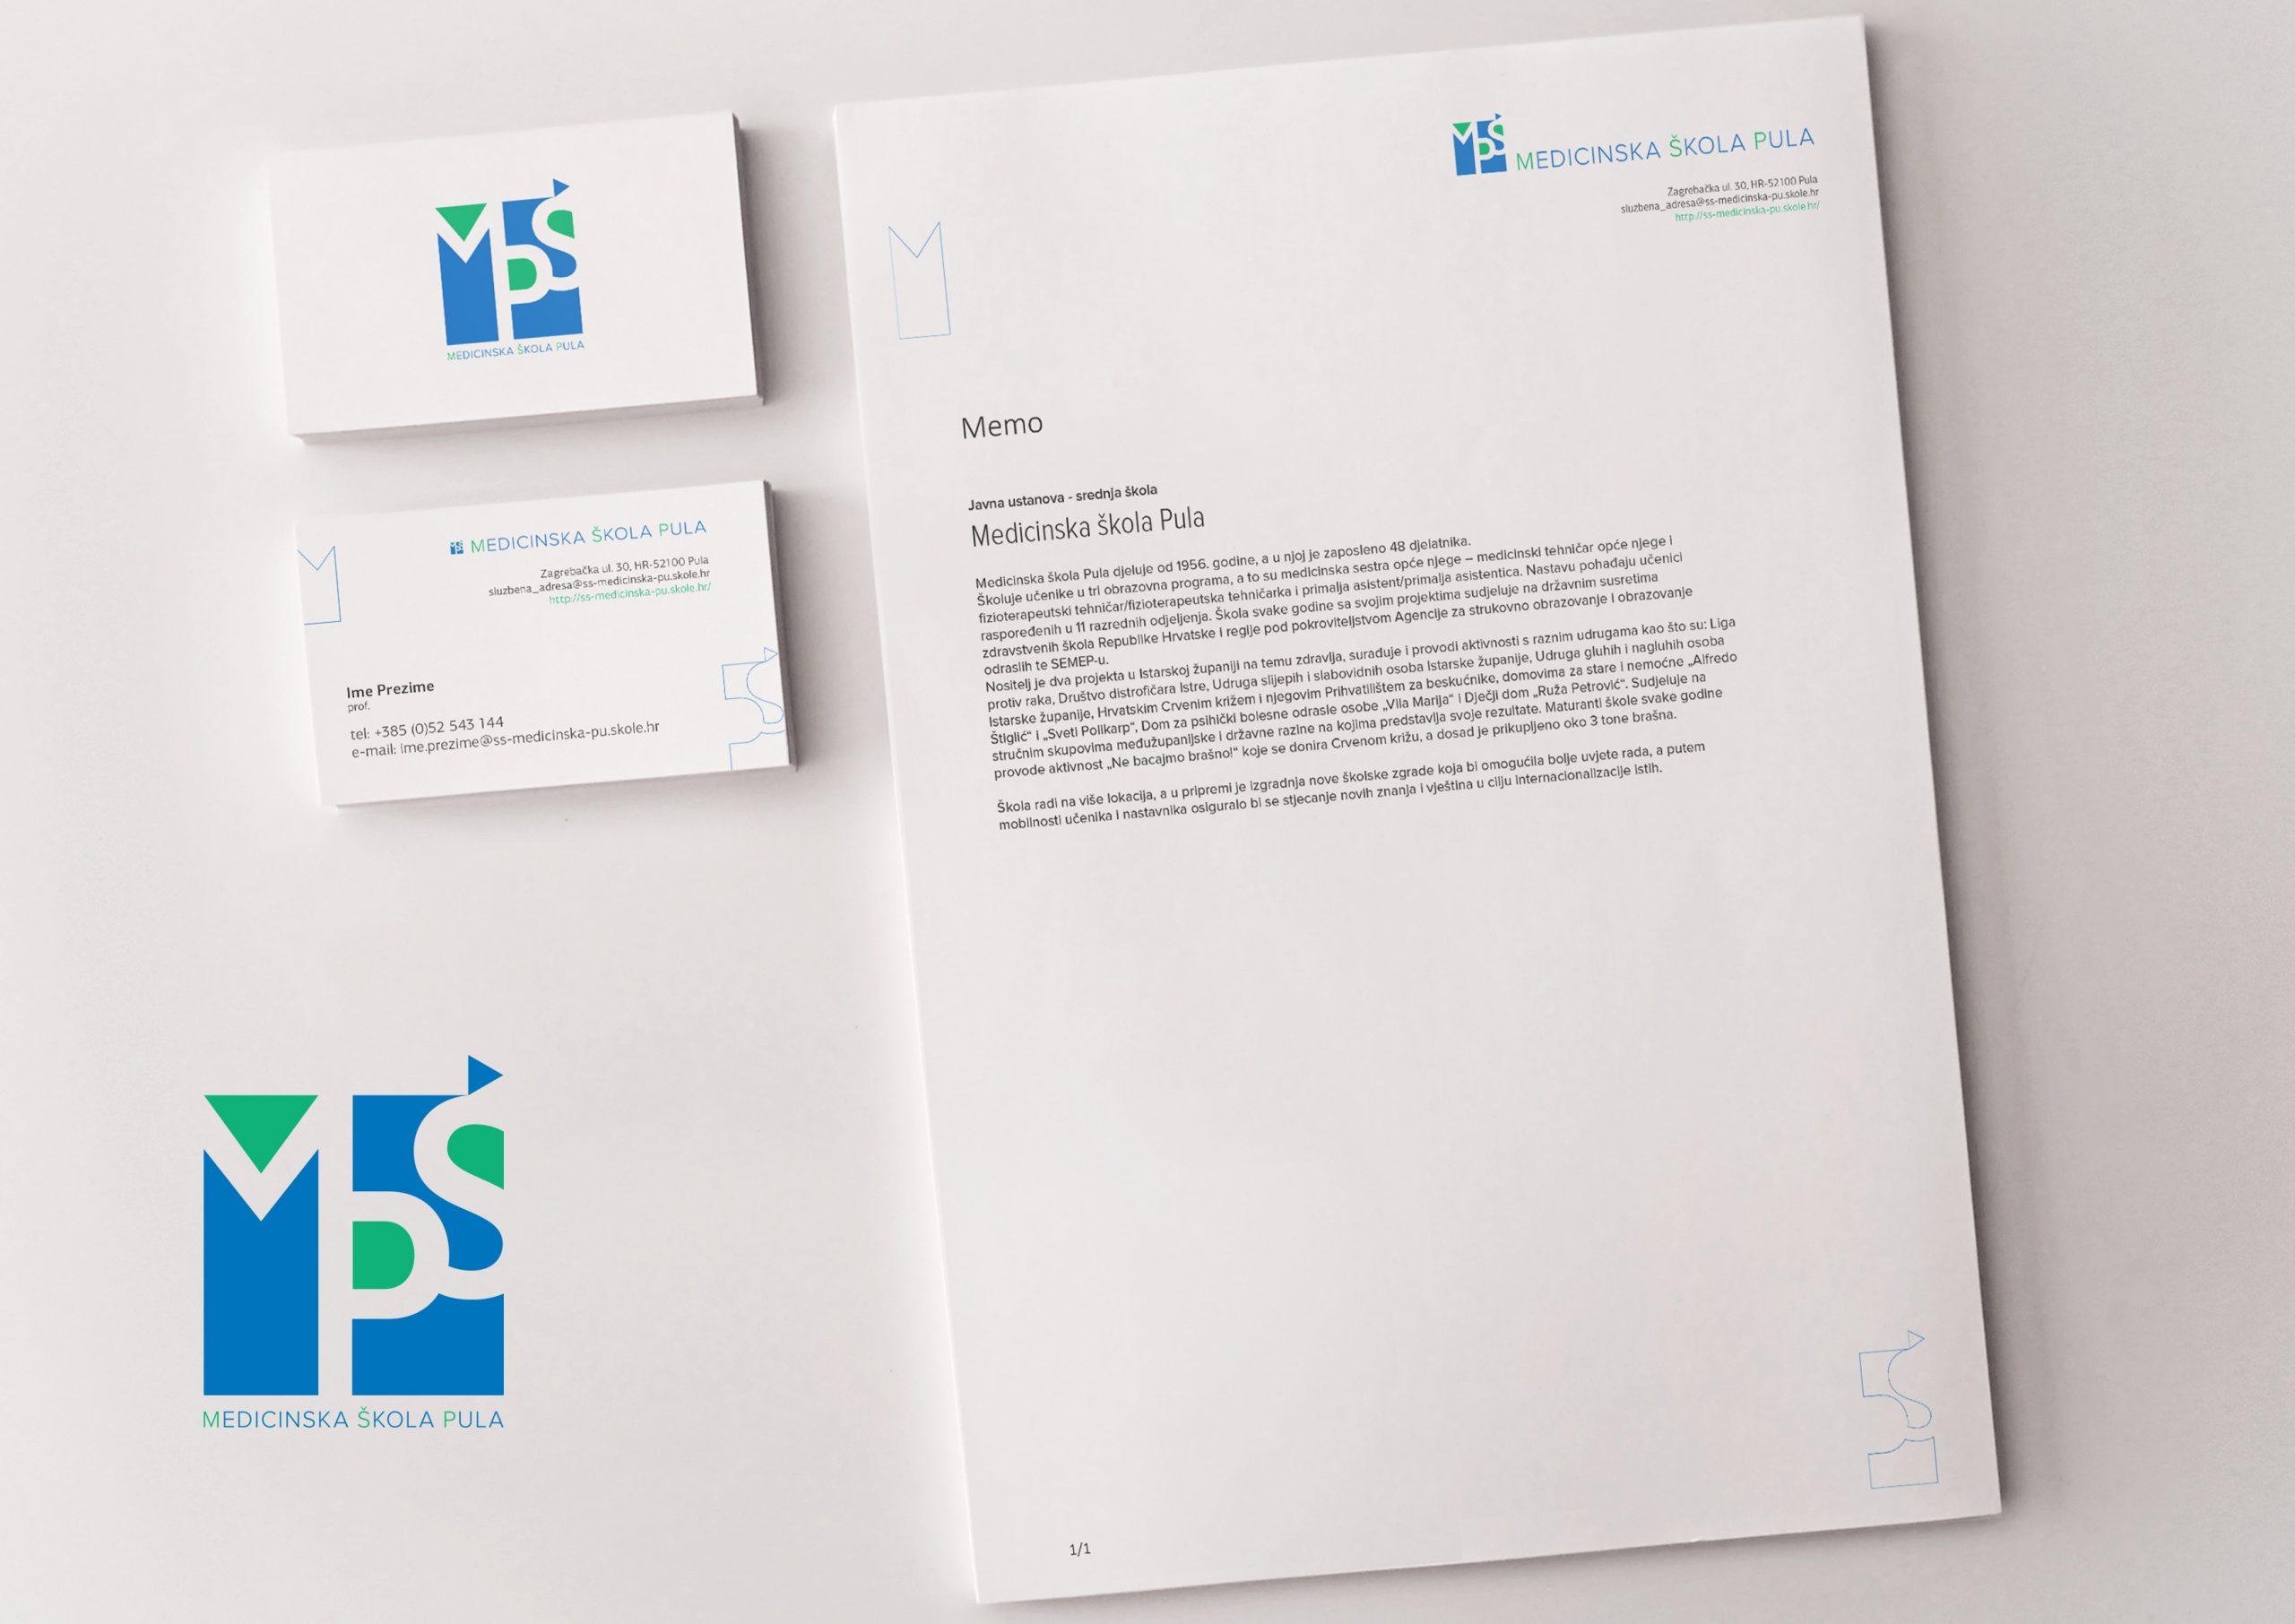 Logo-MEDICINSKA-SKOLA-PULA-by-kreativnikutak